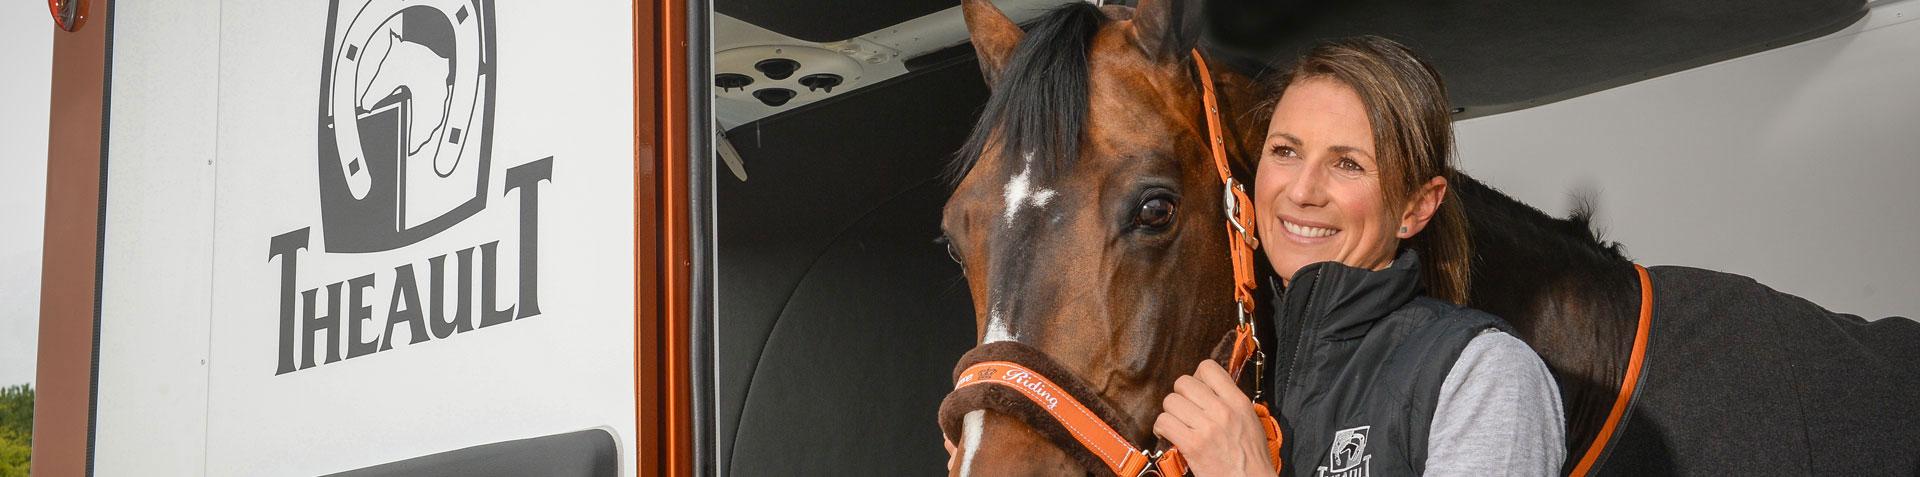 Theault Pferdetransporter von P&A